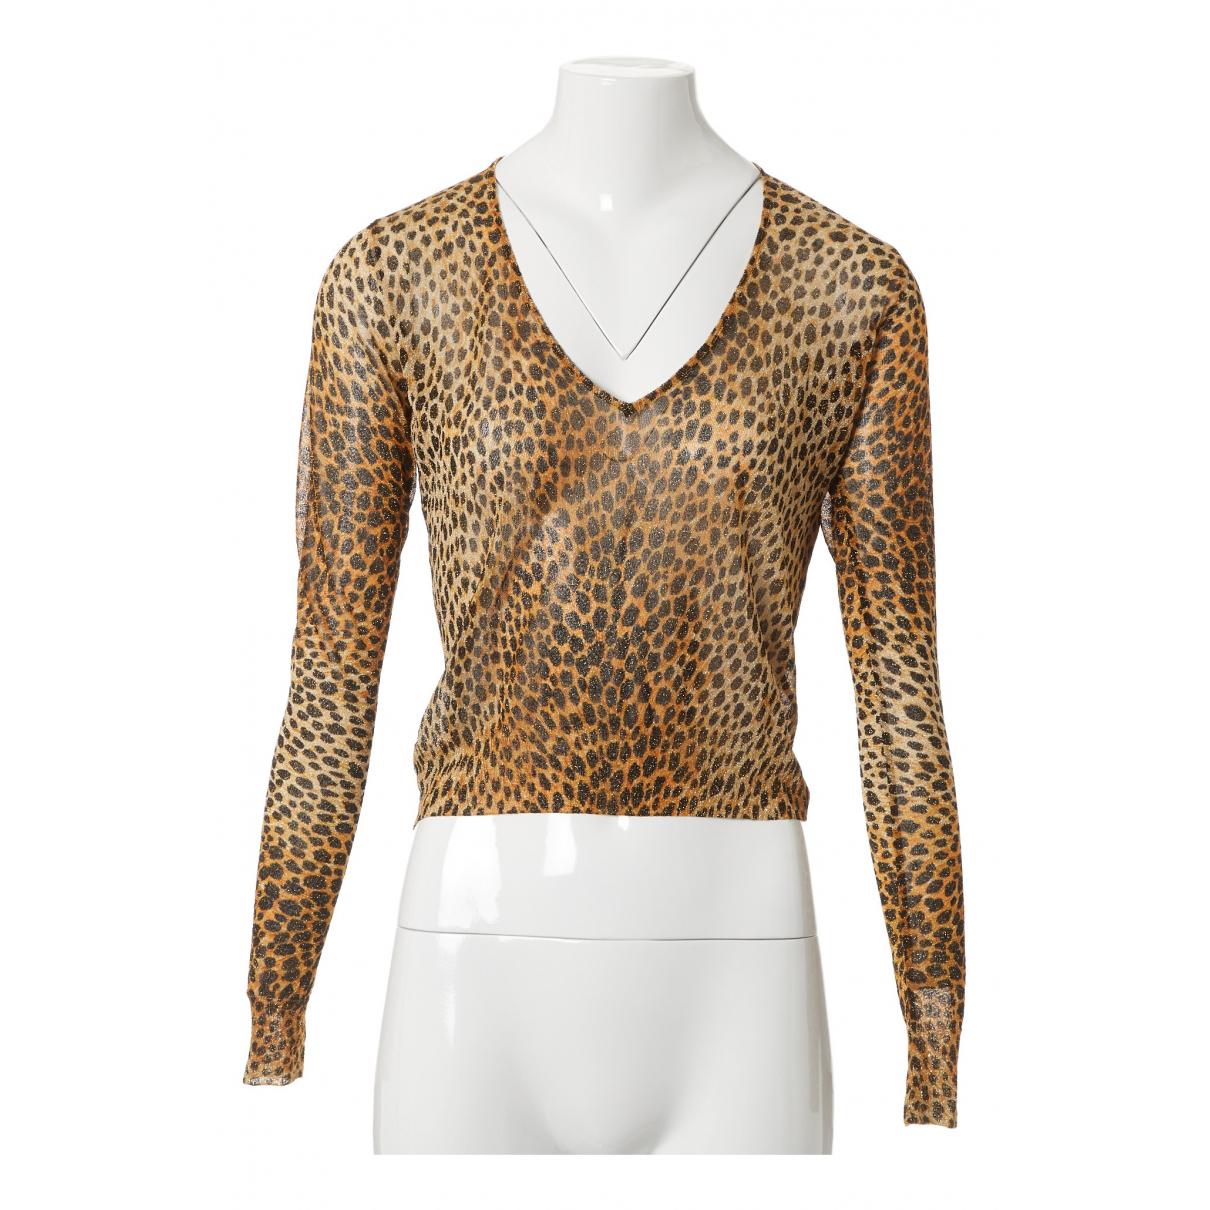 Dolce & Gabbana - Top   pour femme - marron